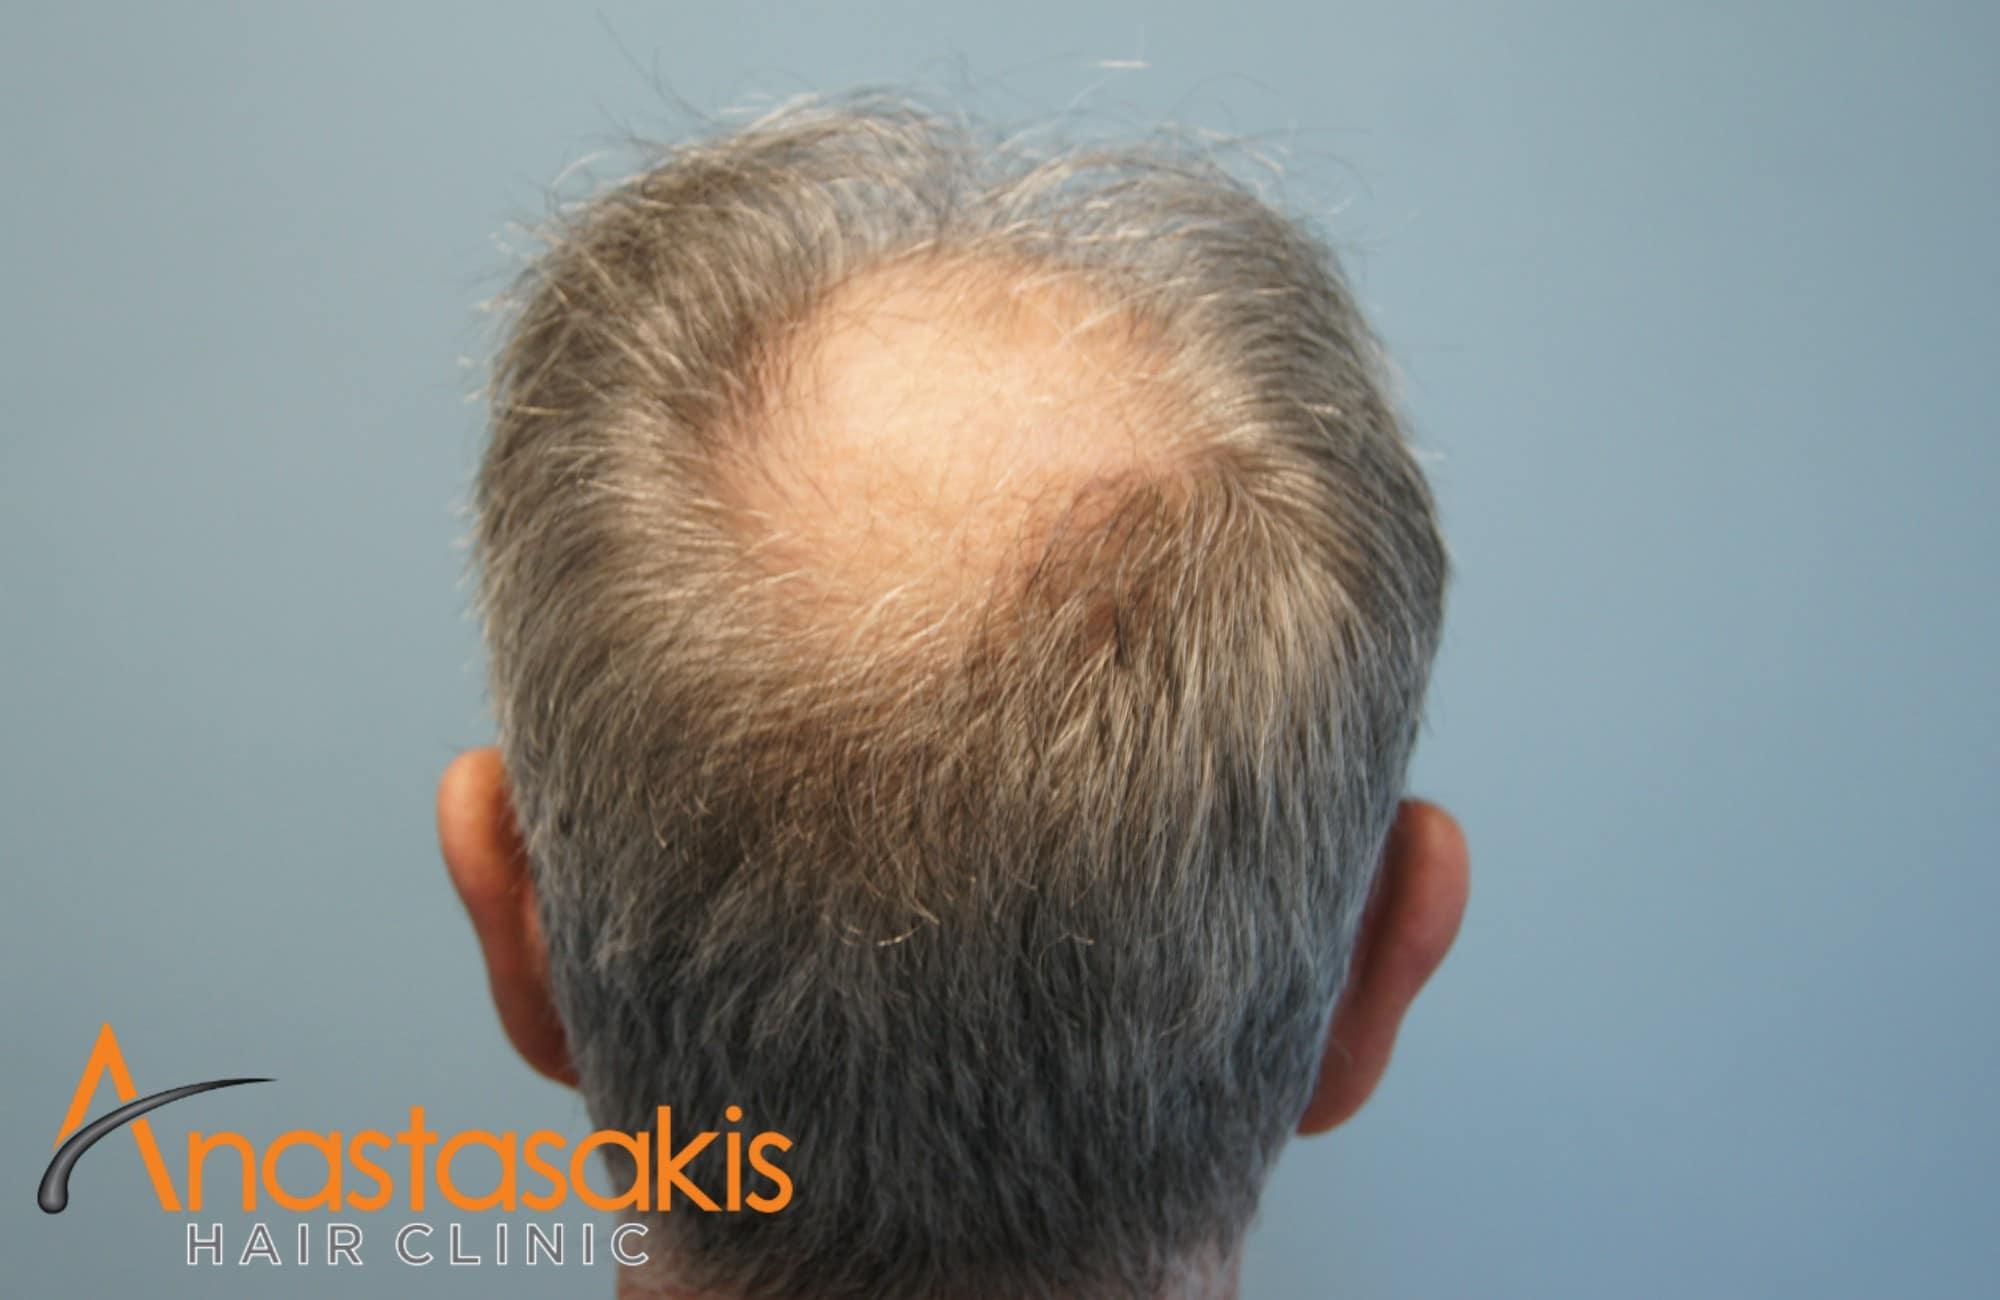 δοτρια περιοχη ασθενους πριν τη μεταμοσχευση μαλλιων με 3650 fus